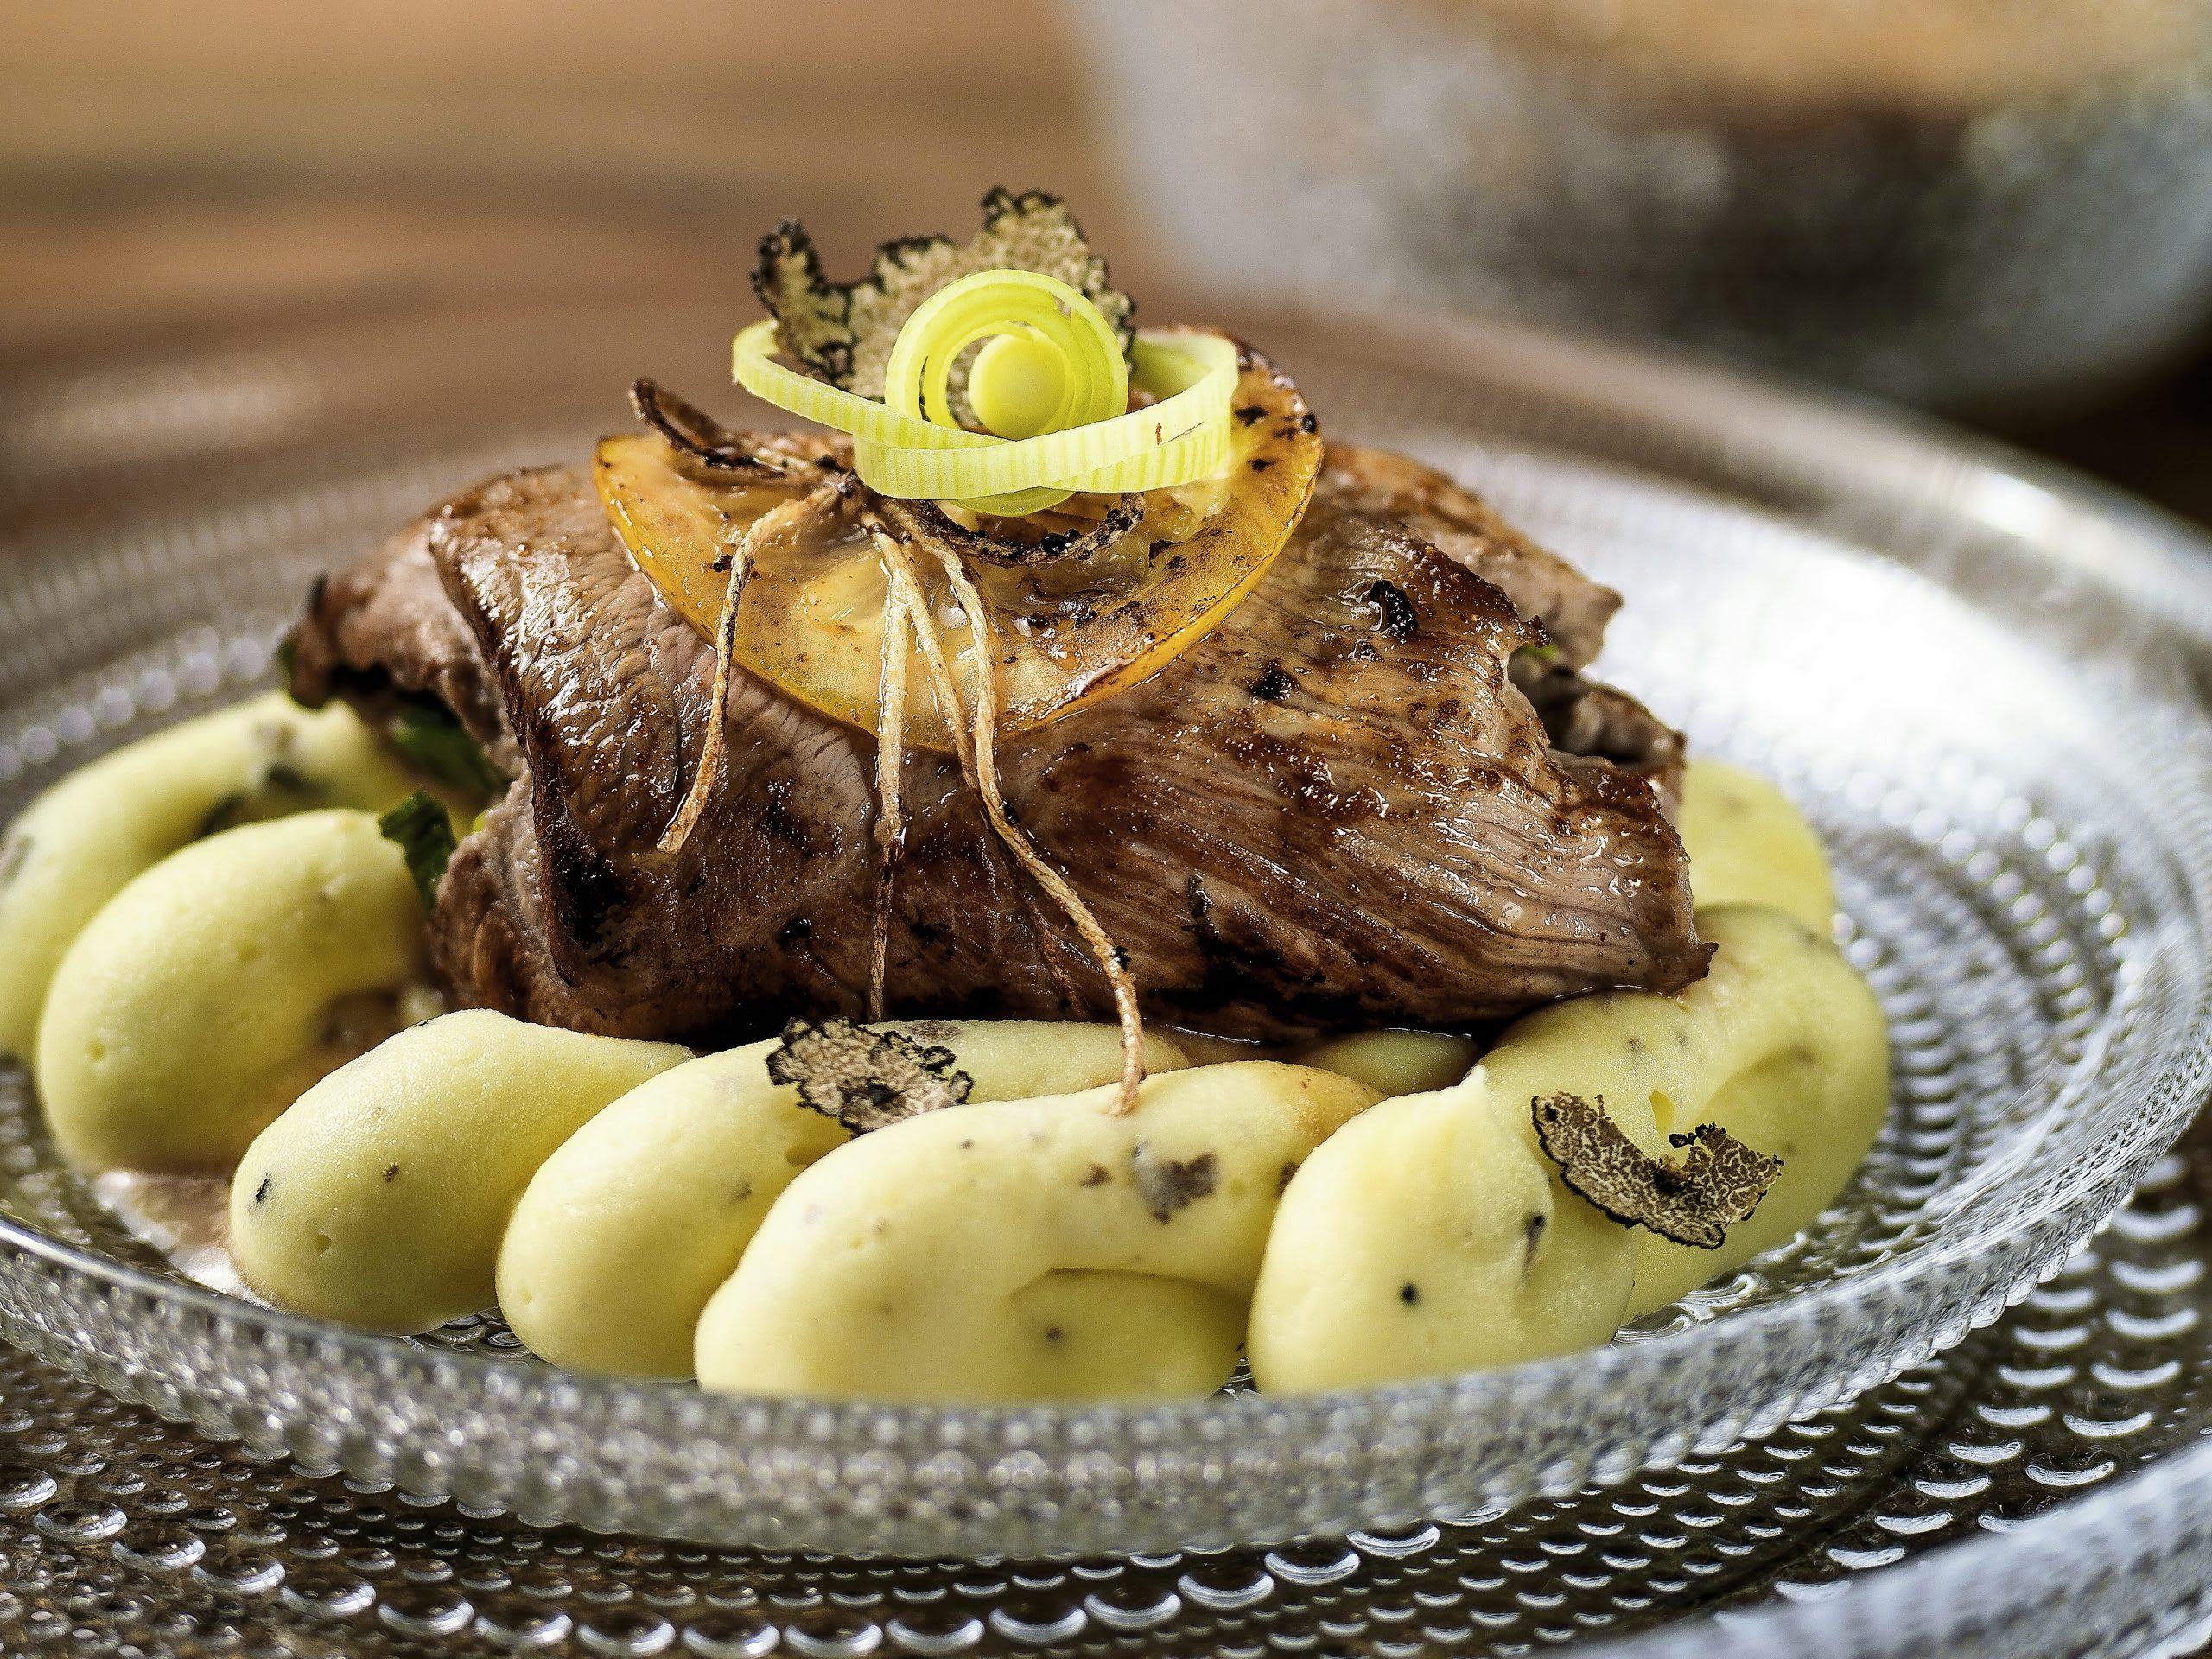 Paupiettes de veau sur mousseline aux truffes